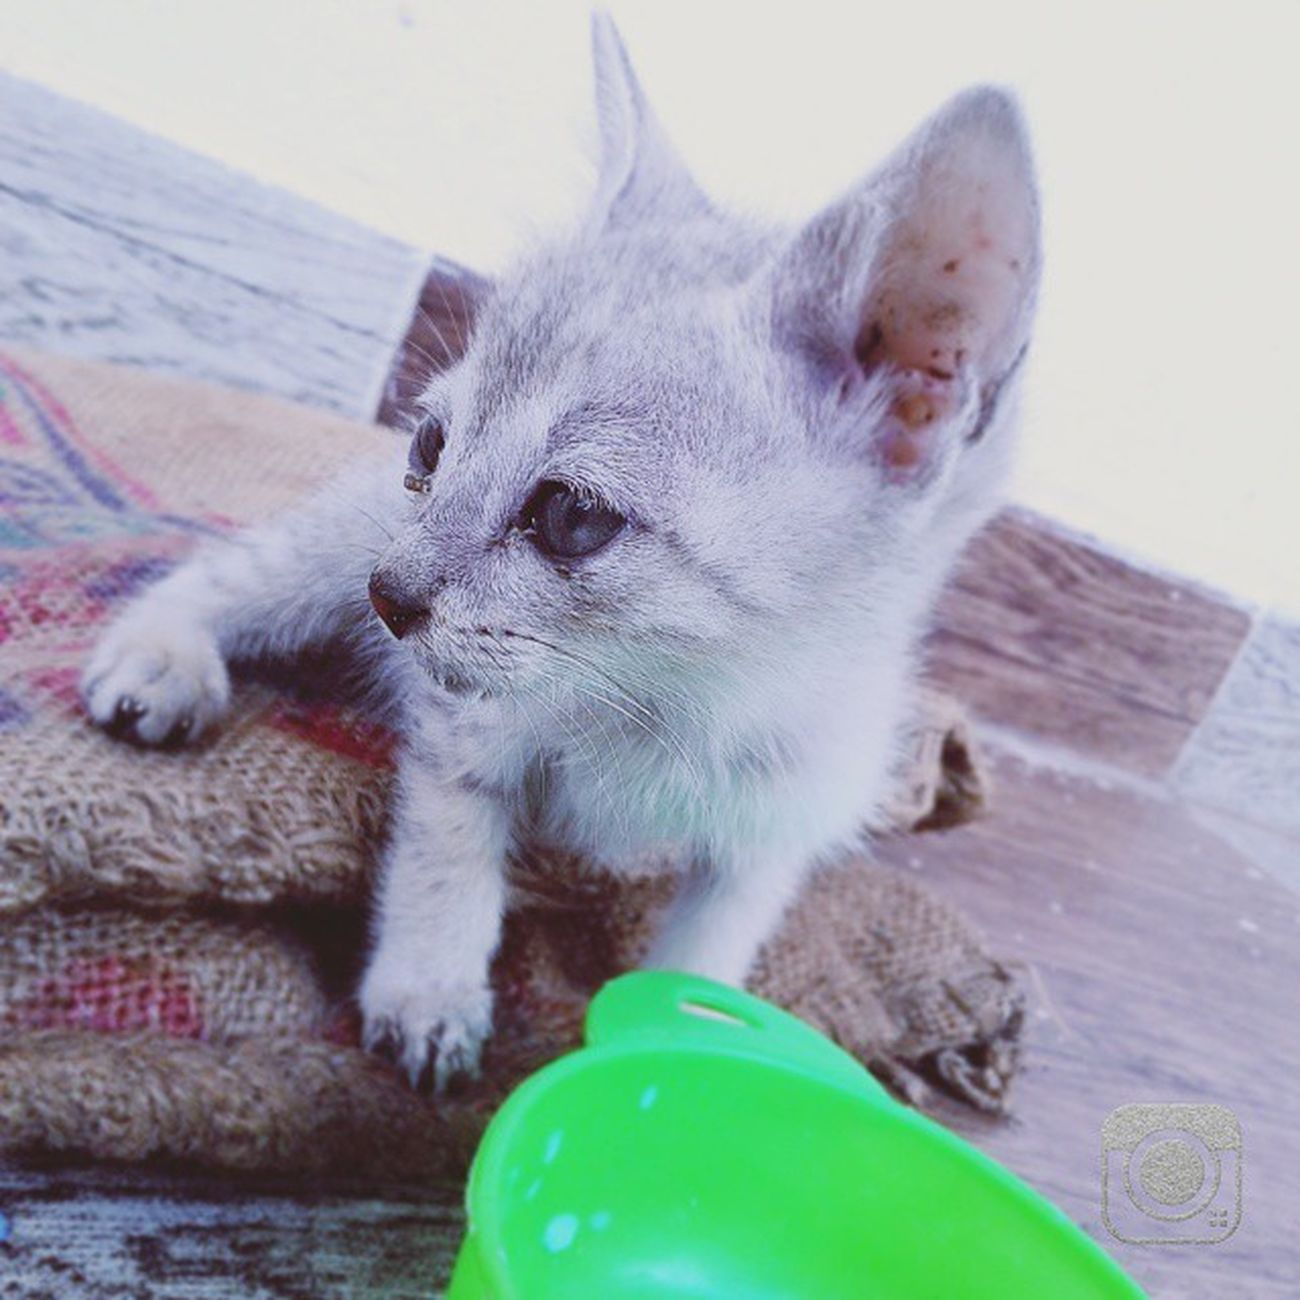 Kitten Cat Cute Pet Love Green Childhood Love Moment Memories Crazy Followgram Followme Followed Life Insta Photograph Photography